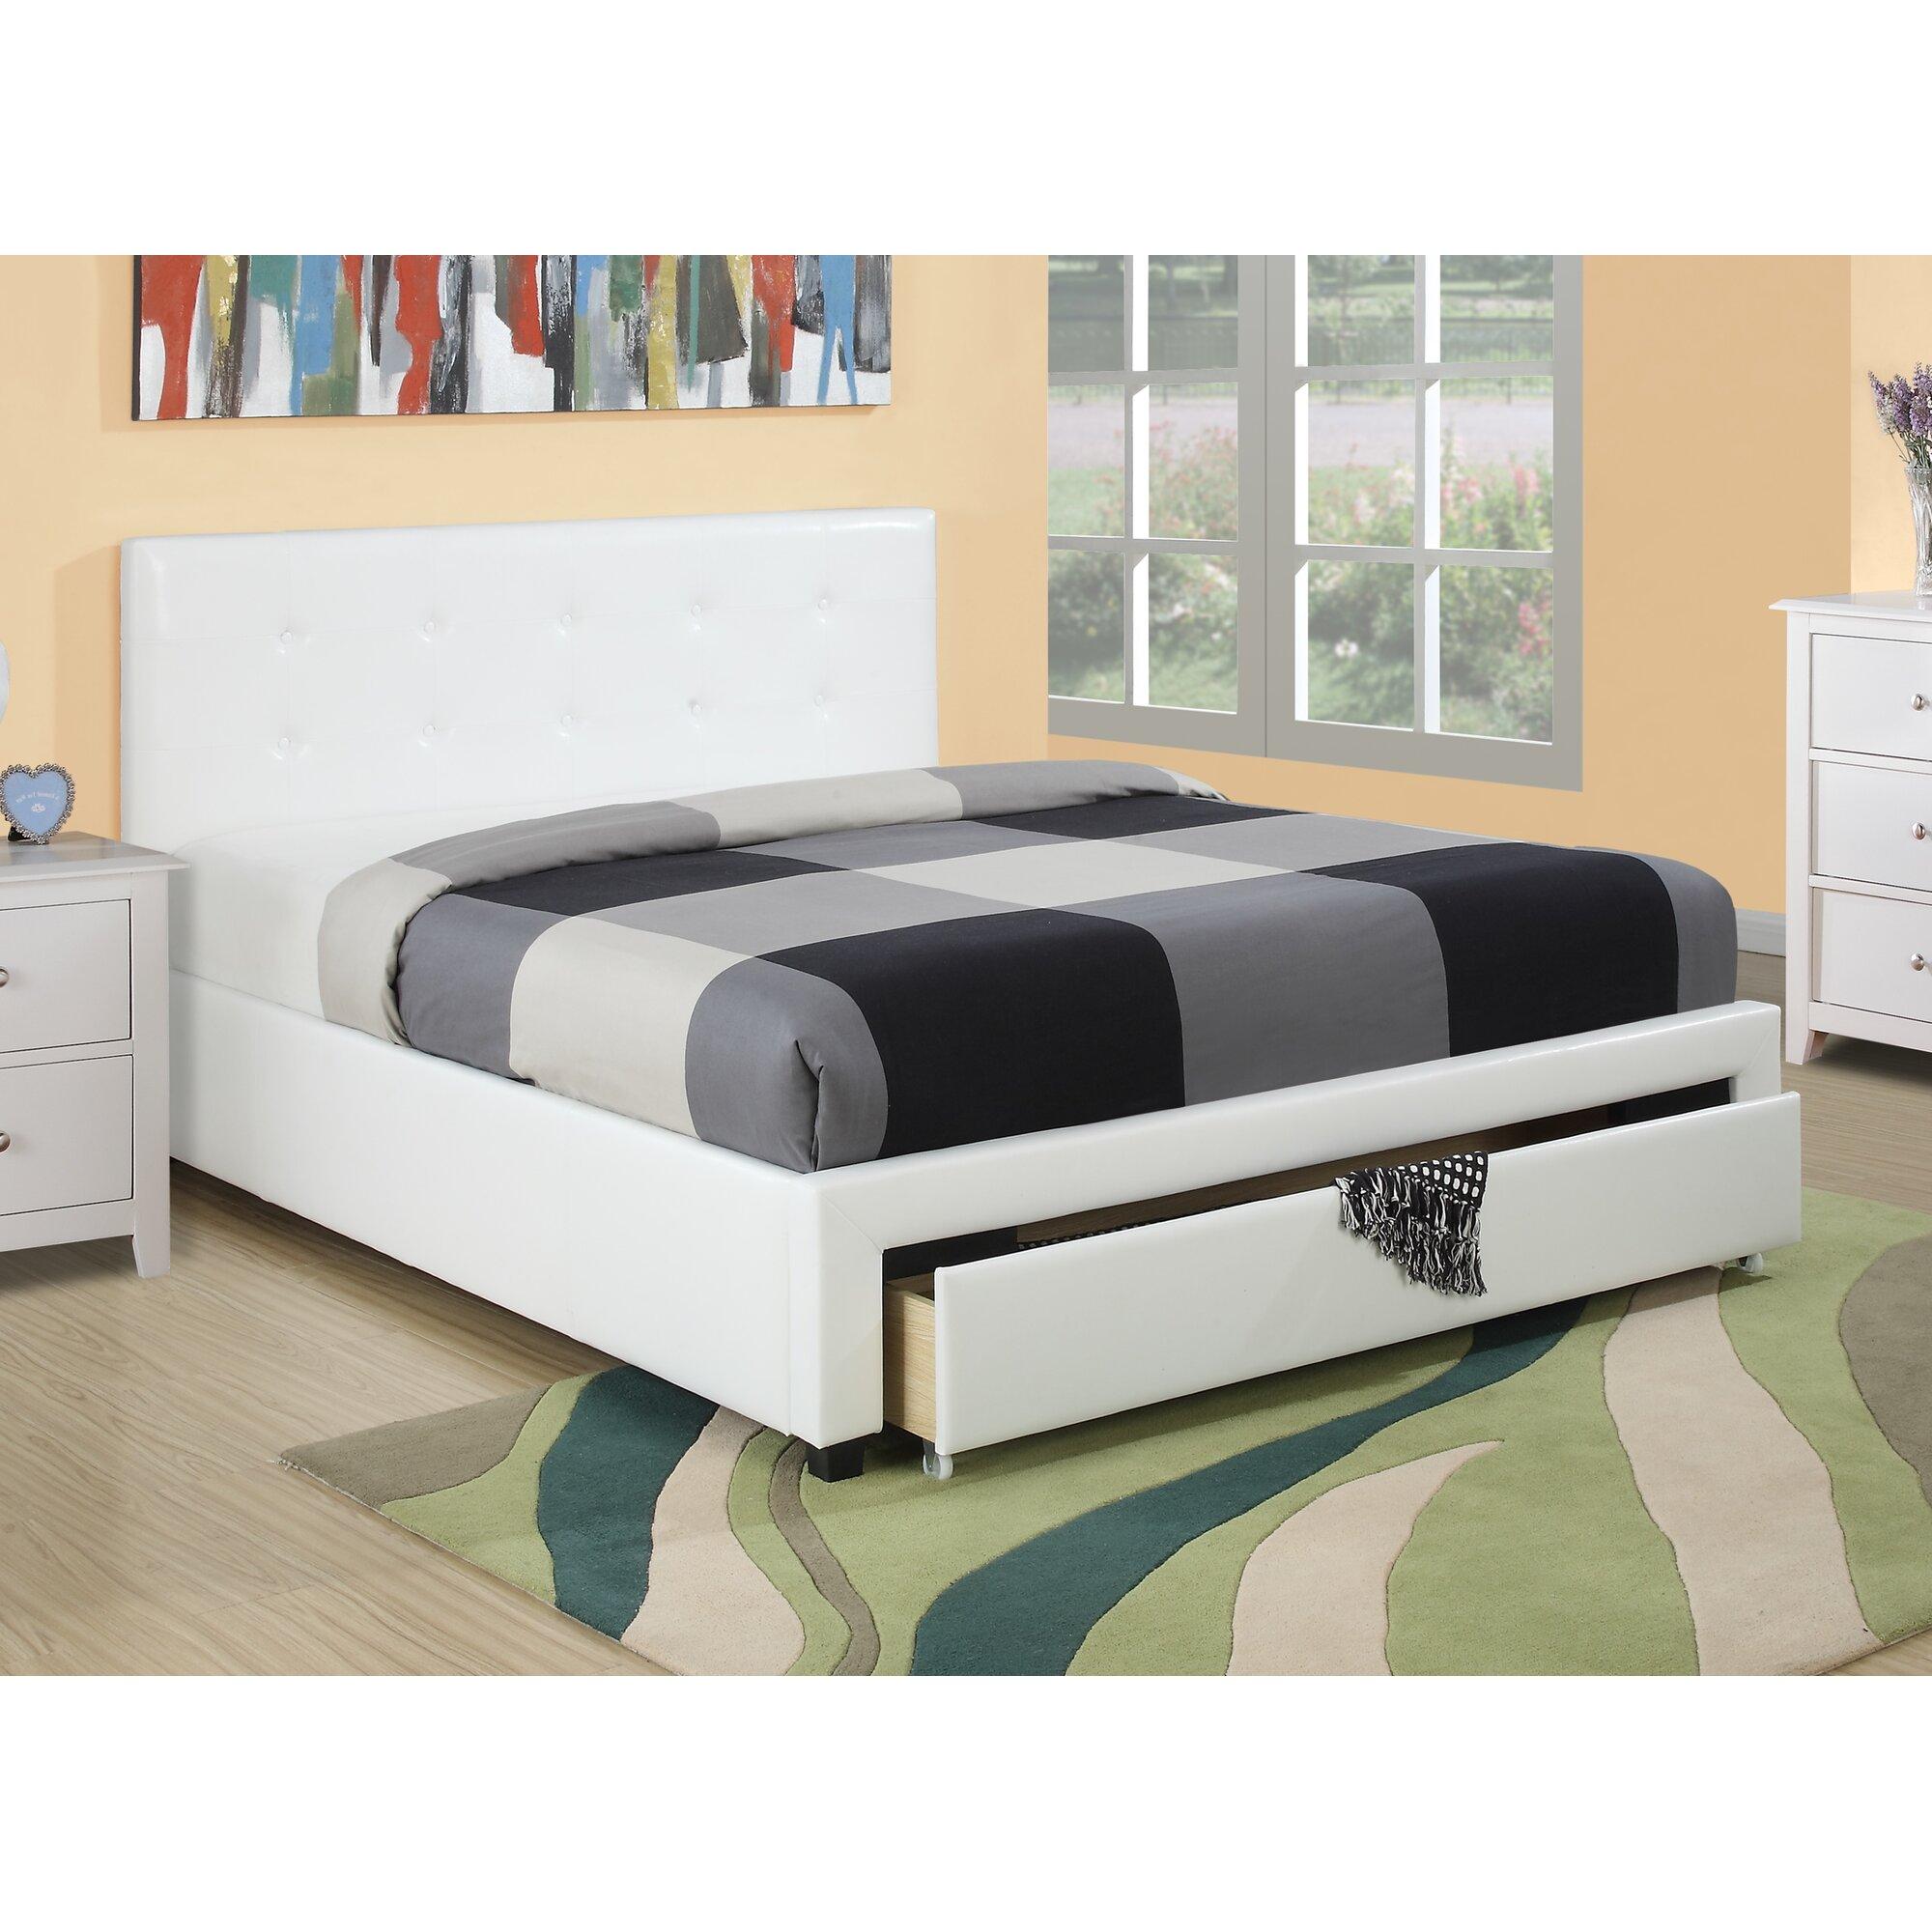 Room and board platform bed - Valhalla Upholstered Platform Bed